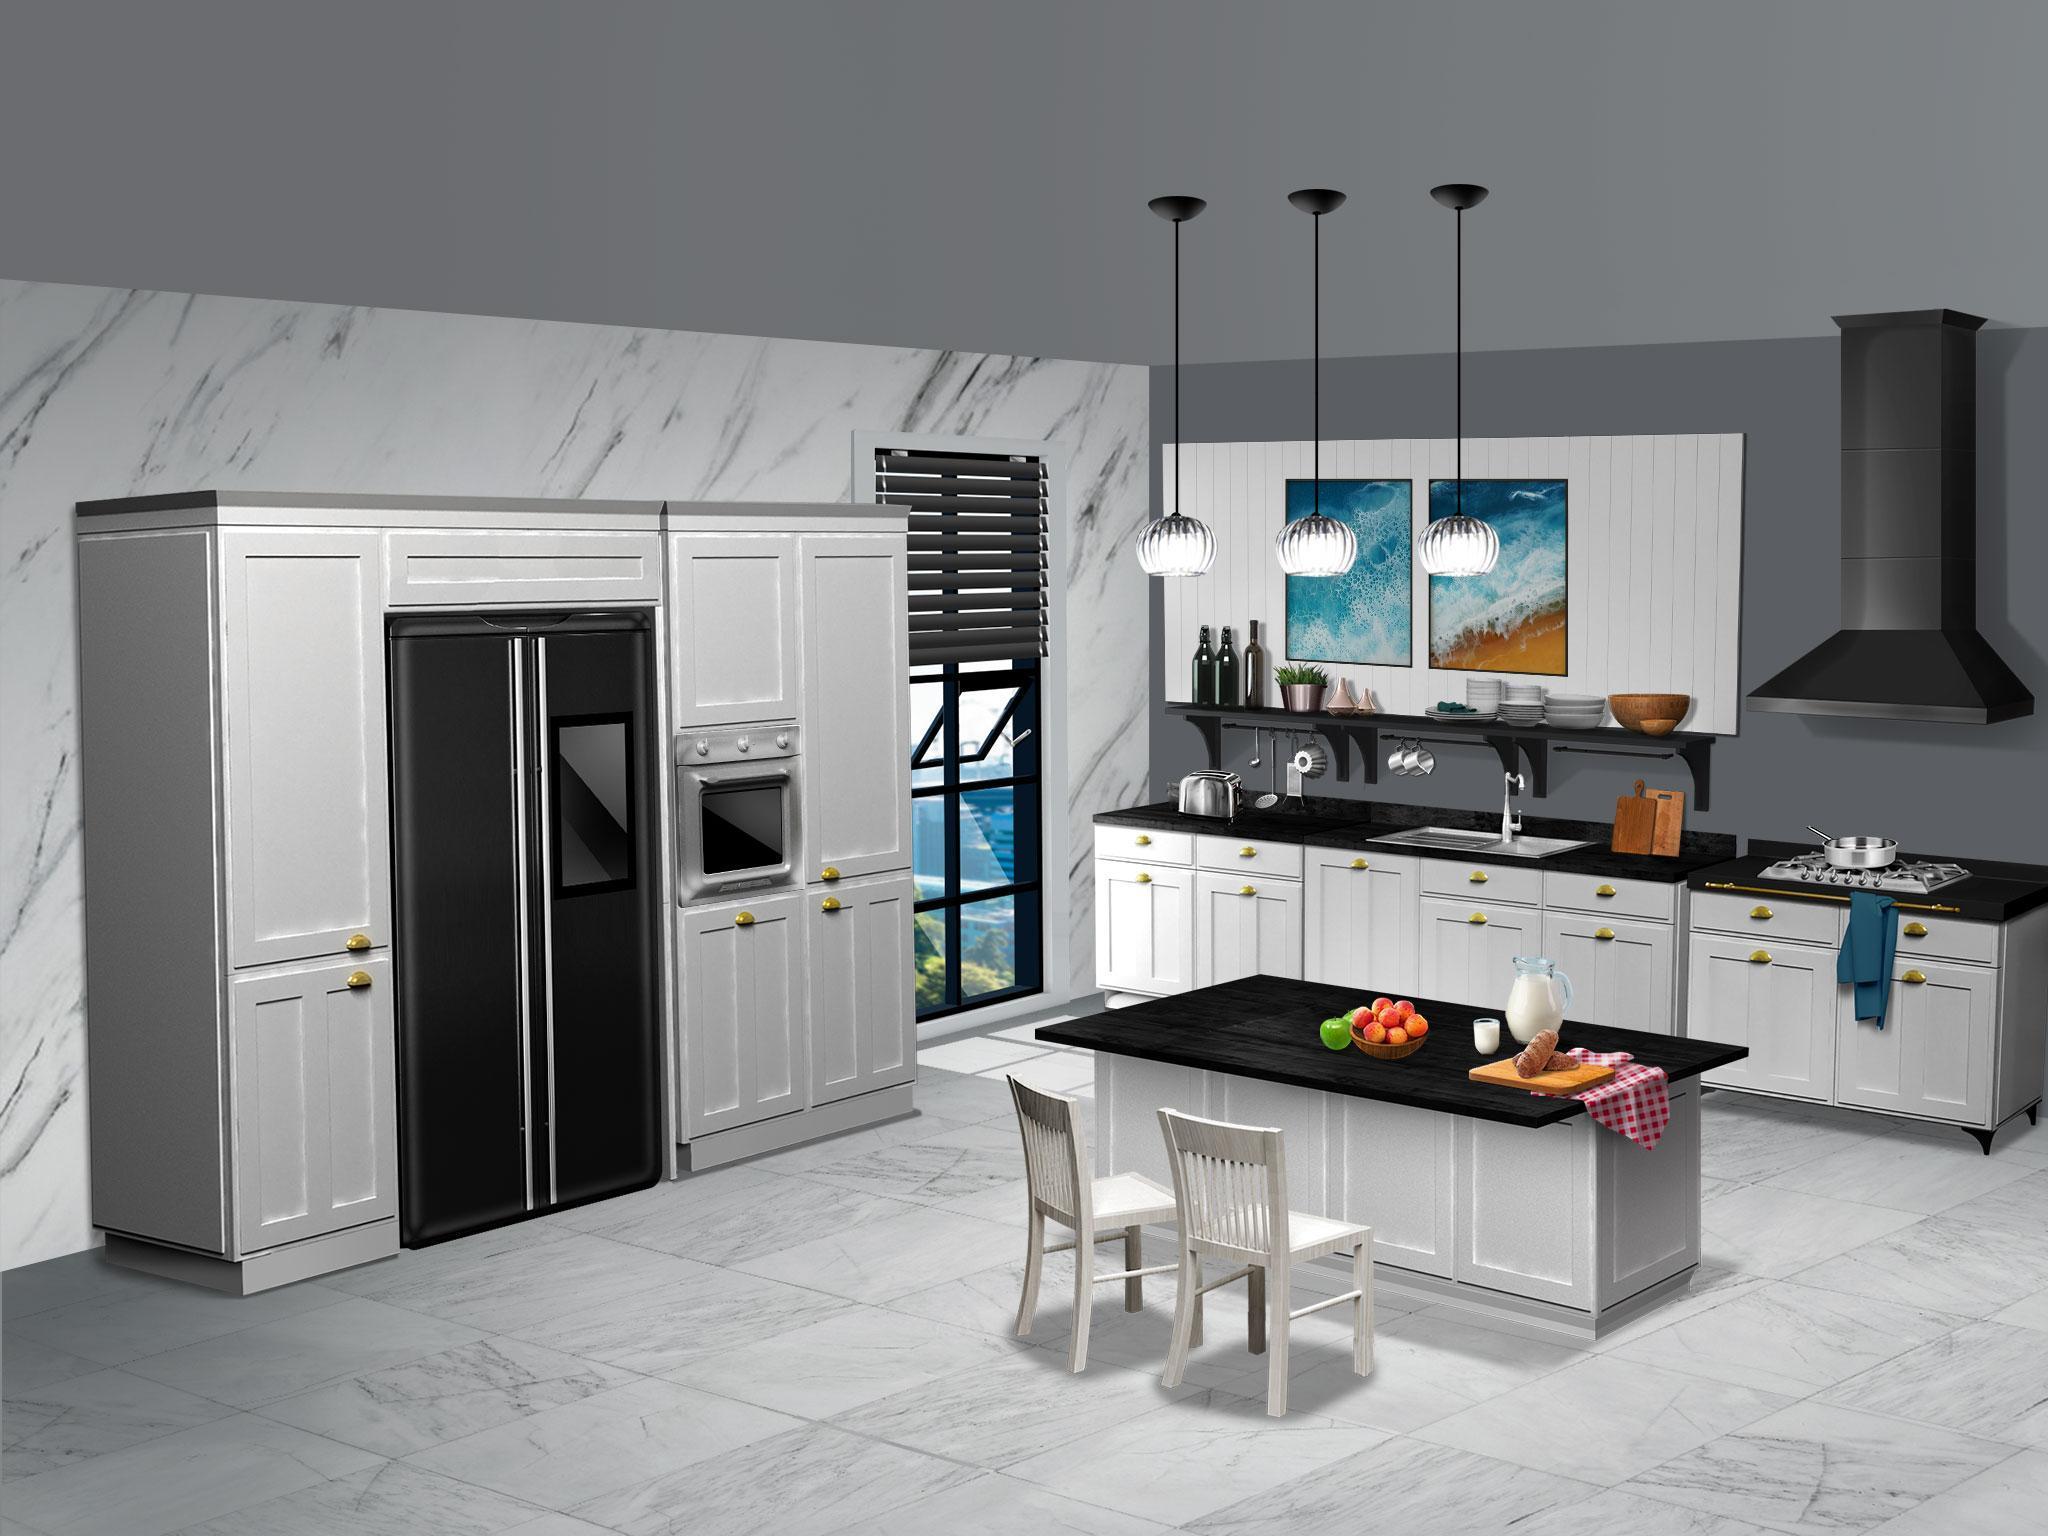 My Home Design   Modern City   MOVAstore.com